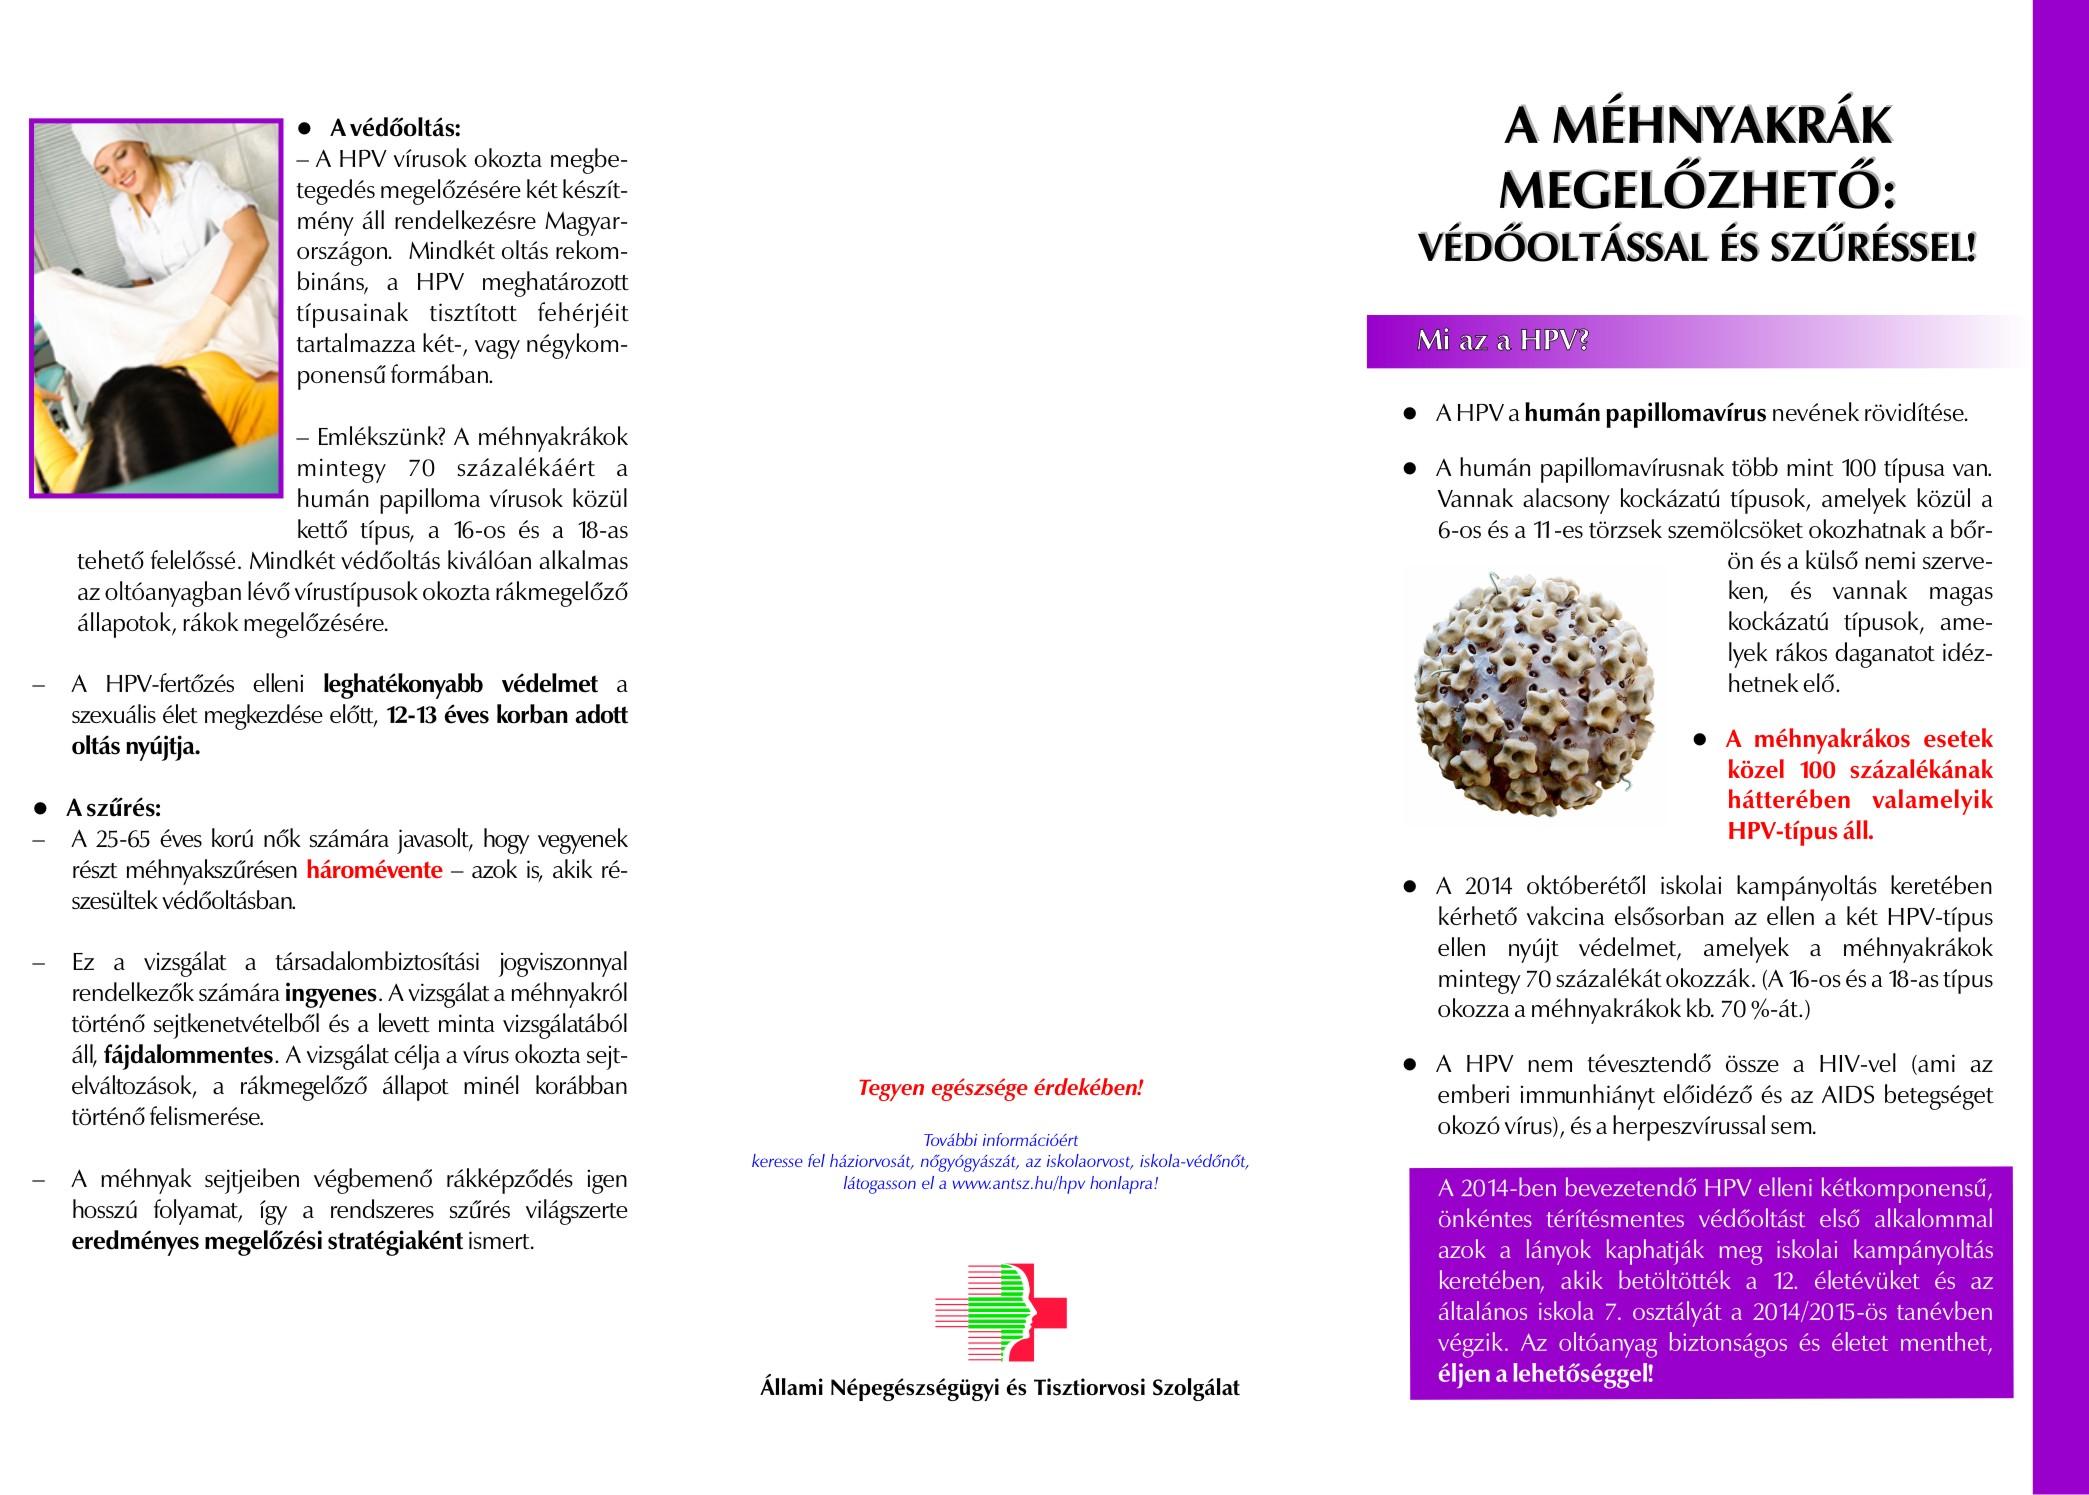 humán papillomavírus megelőzése és ellenőrzése